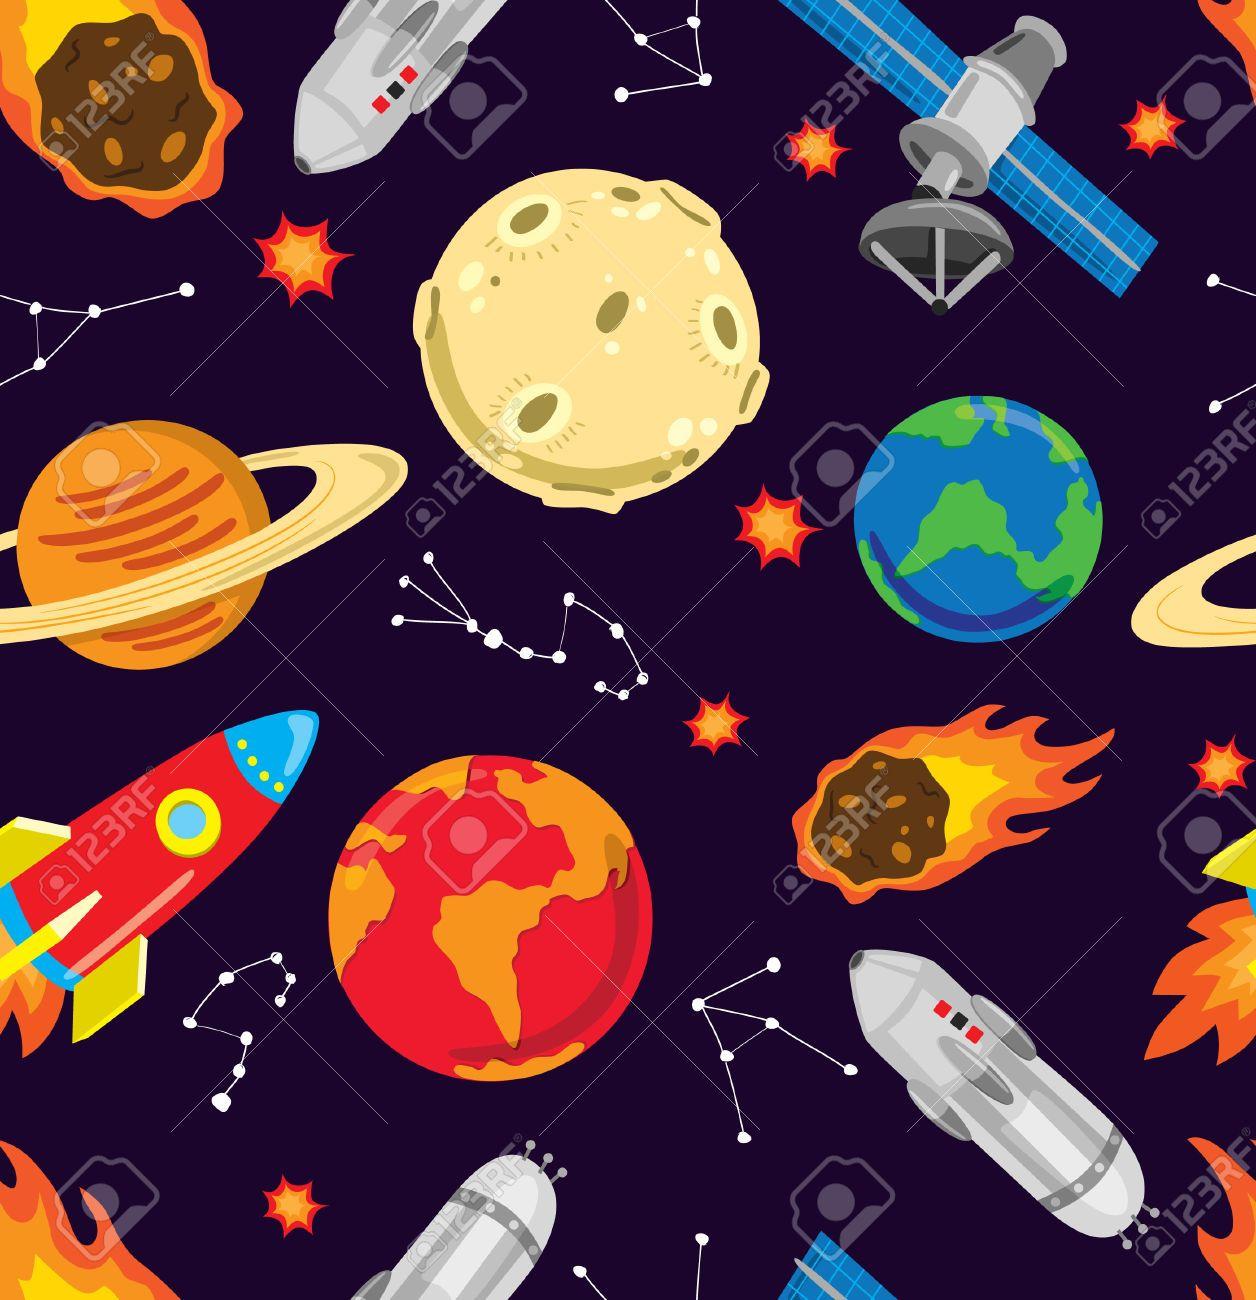 https//www.google.hu/blank.html Space backgrounds